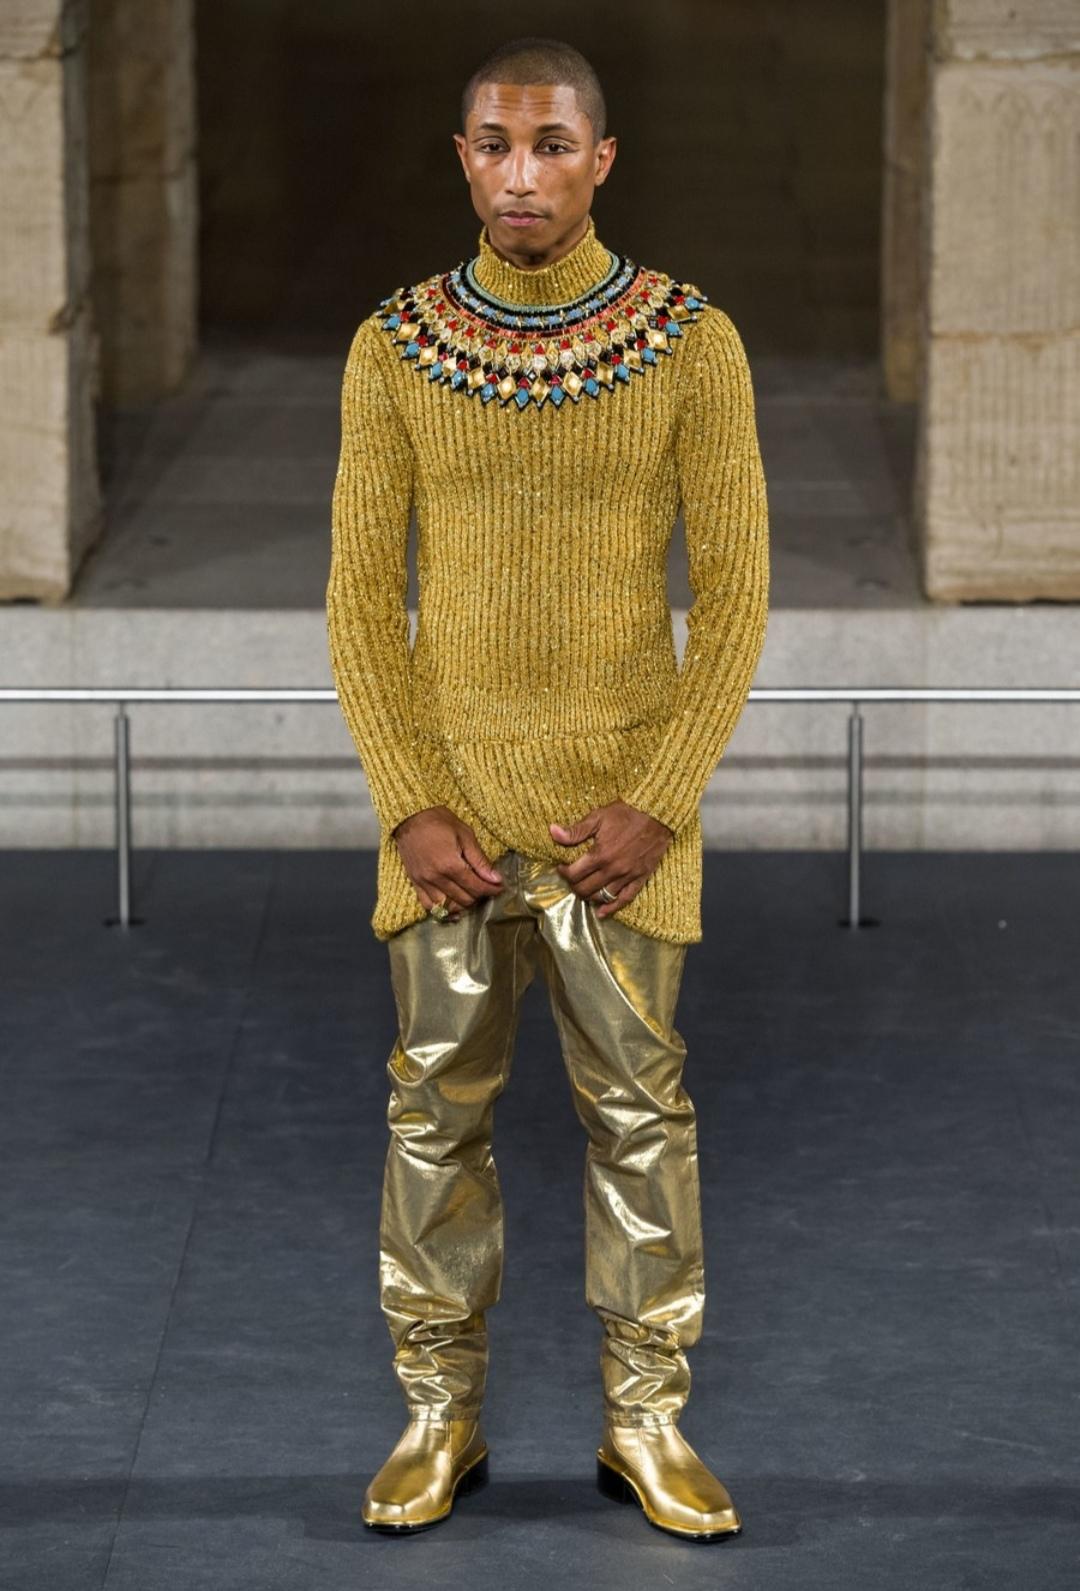 أزياء فرعونية فى عرض الازياء (3)